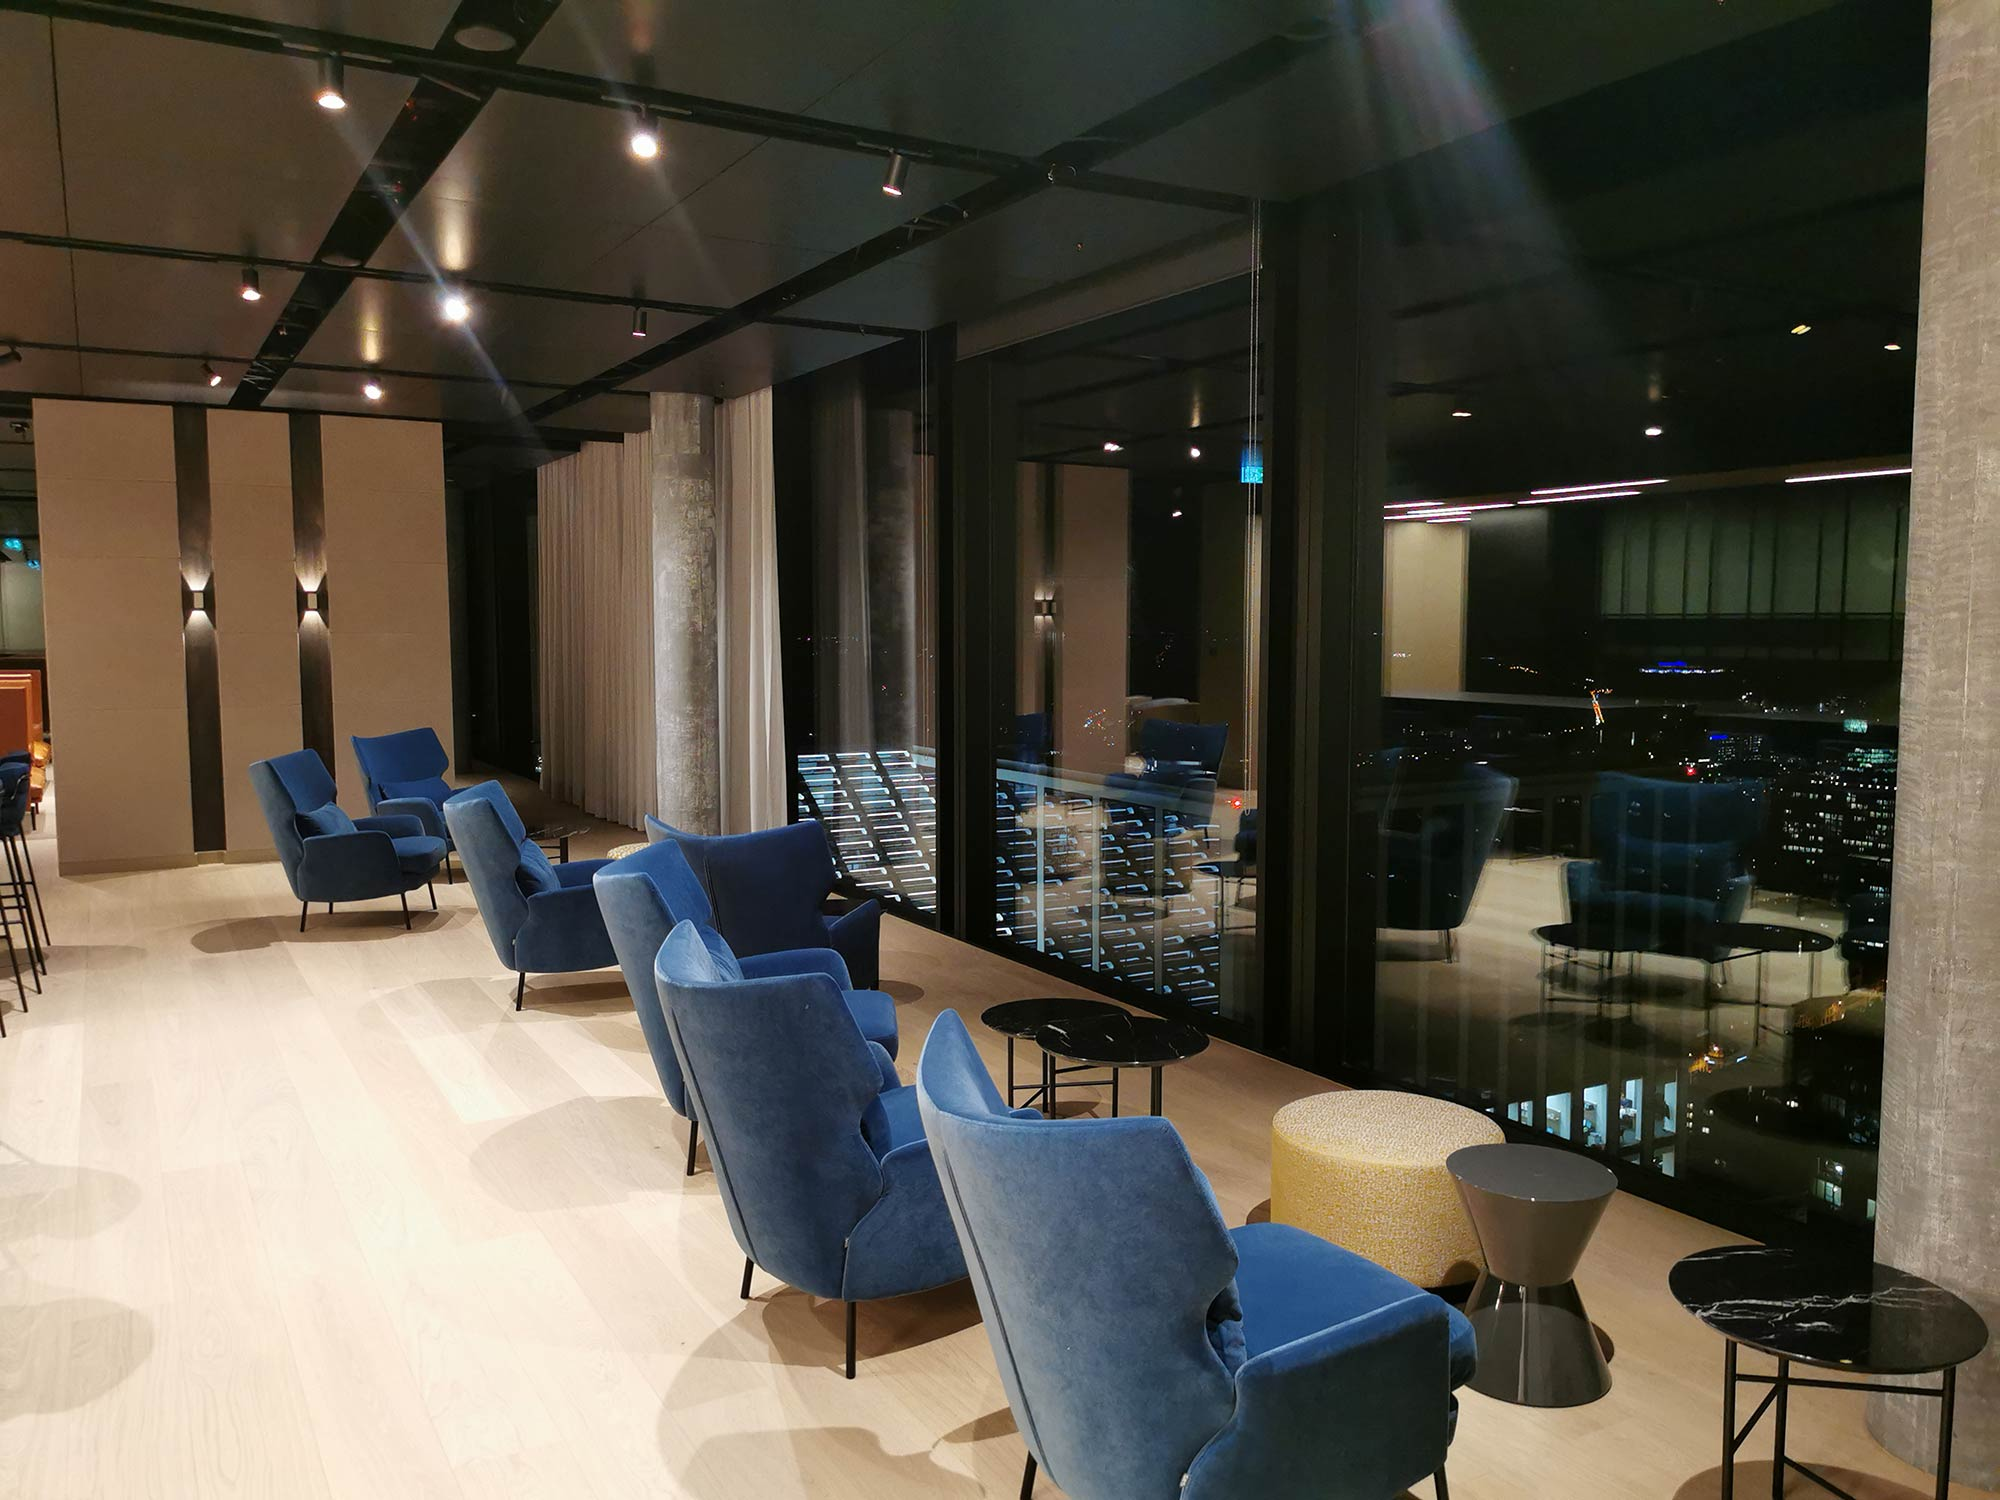 Omni Turm Frankfurt - Lounge in der 45. Etage mit Blick über Frankfurt - diese Aussicht können nur Büromieter genießen. Das Geschoss kann auch für Events genutzt werden und verfügt über eine private Bar.